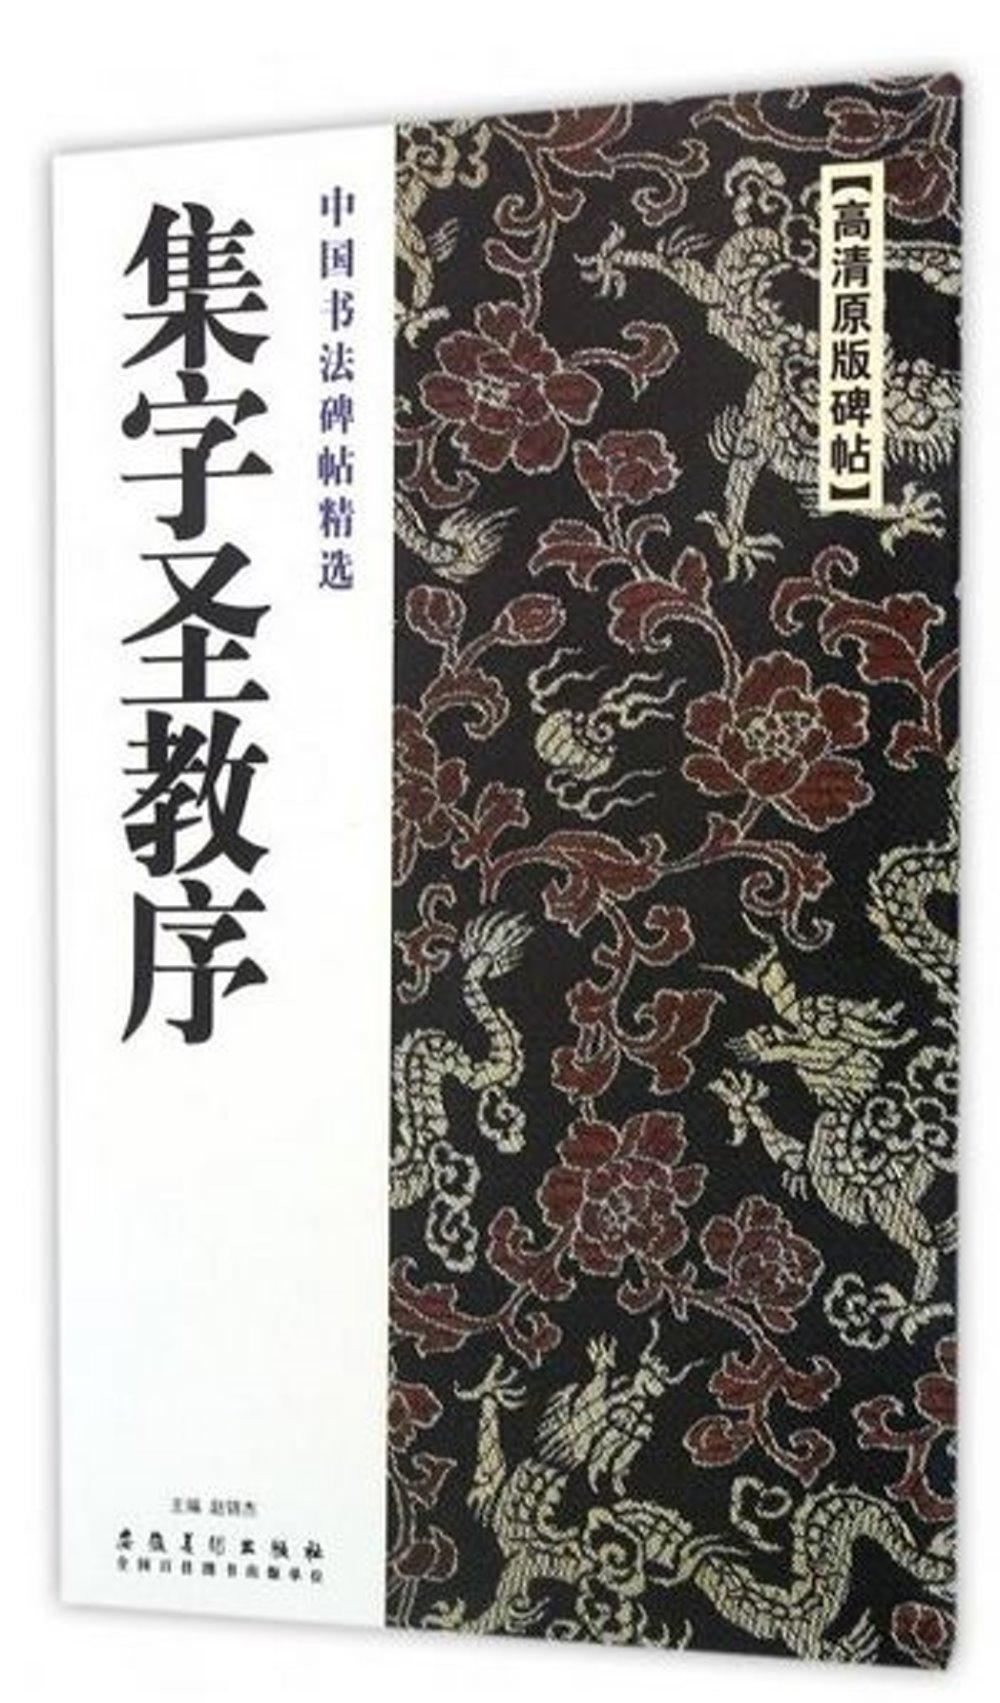 中國書法碑帖精選:集字聖教序